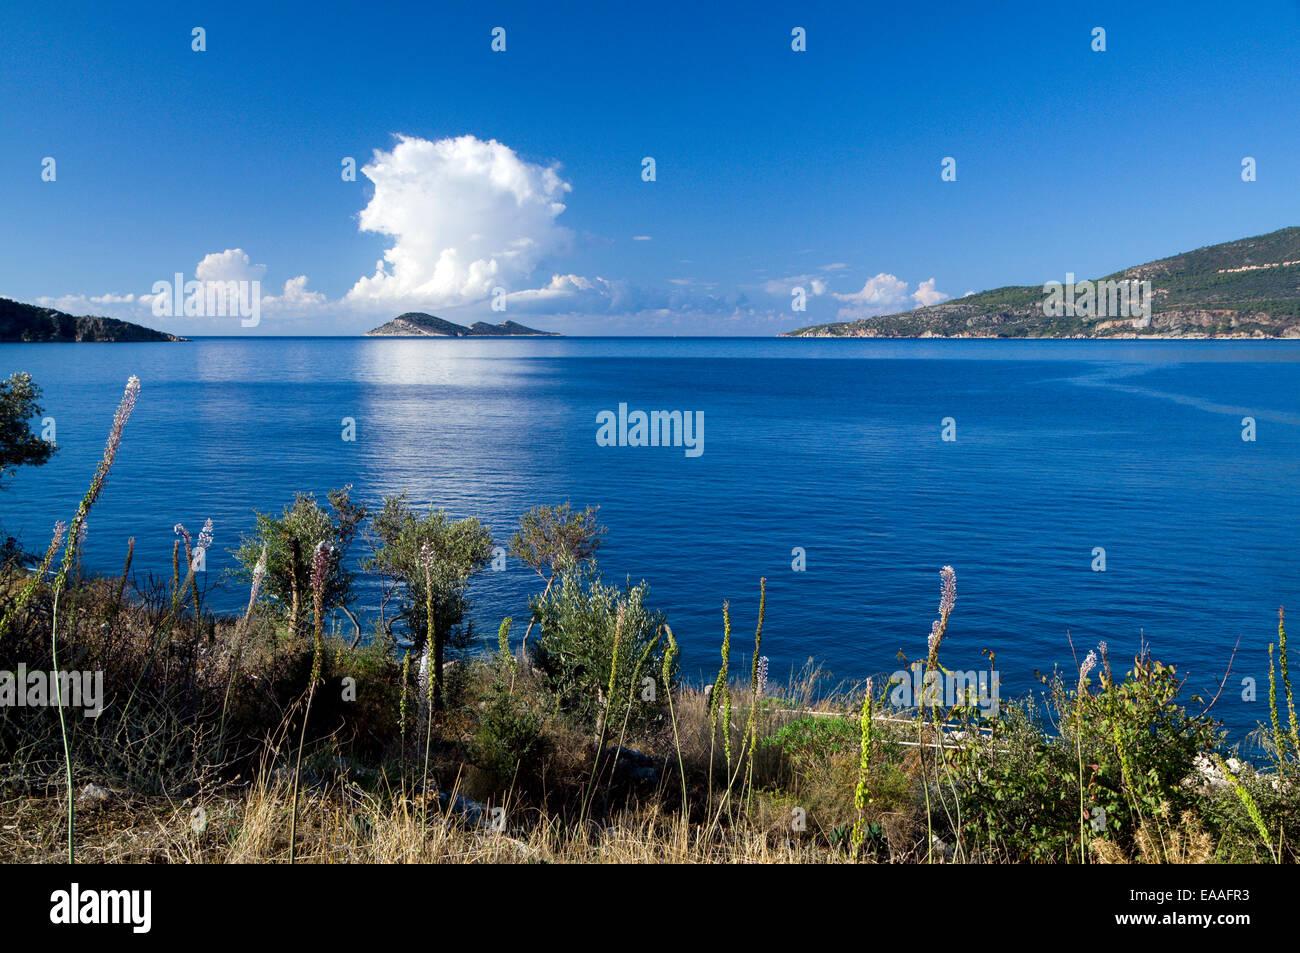 Cumulonimbus clouds aove Snake and Mouse Islands, Kalkan Bay, Kalkan, Lycian Coast, Turkey, Asia. - Stock Image